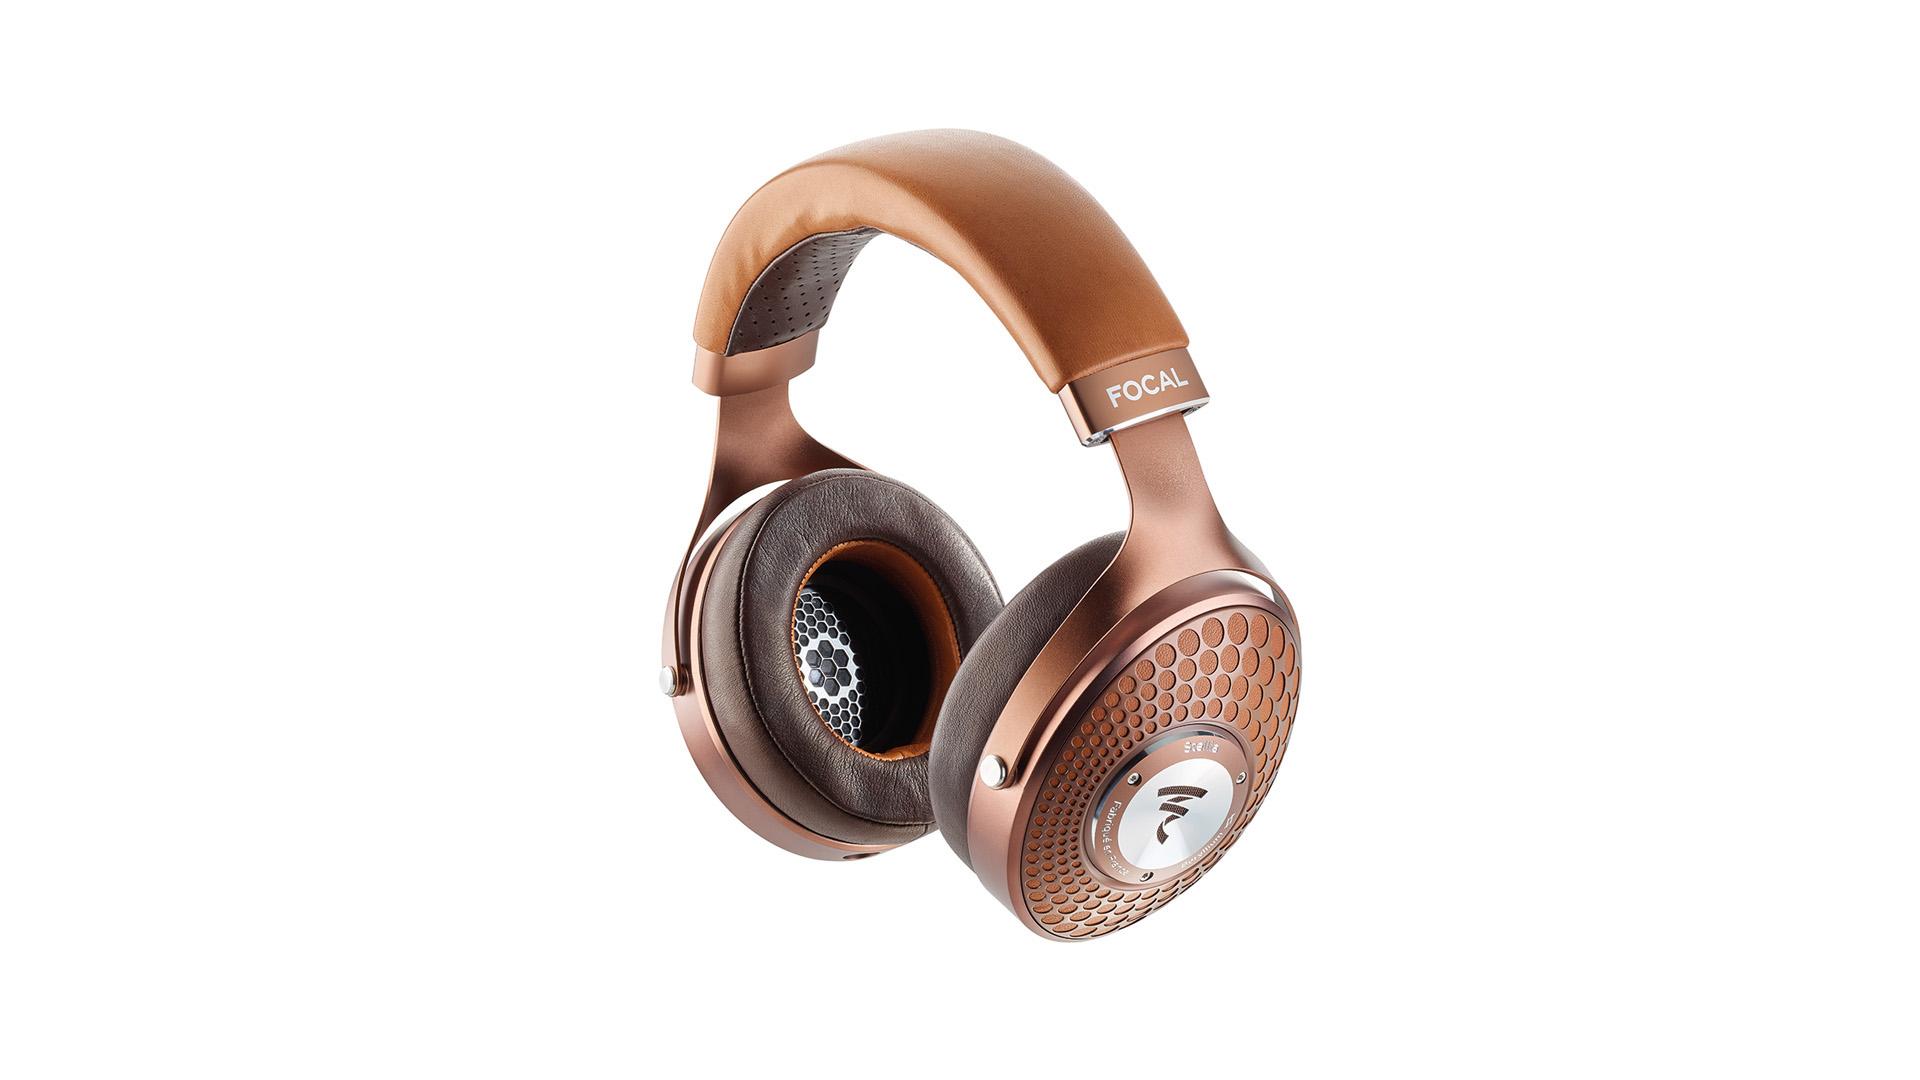 The Focal Stellia headphones in bronze